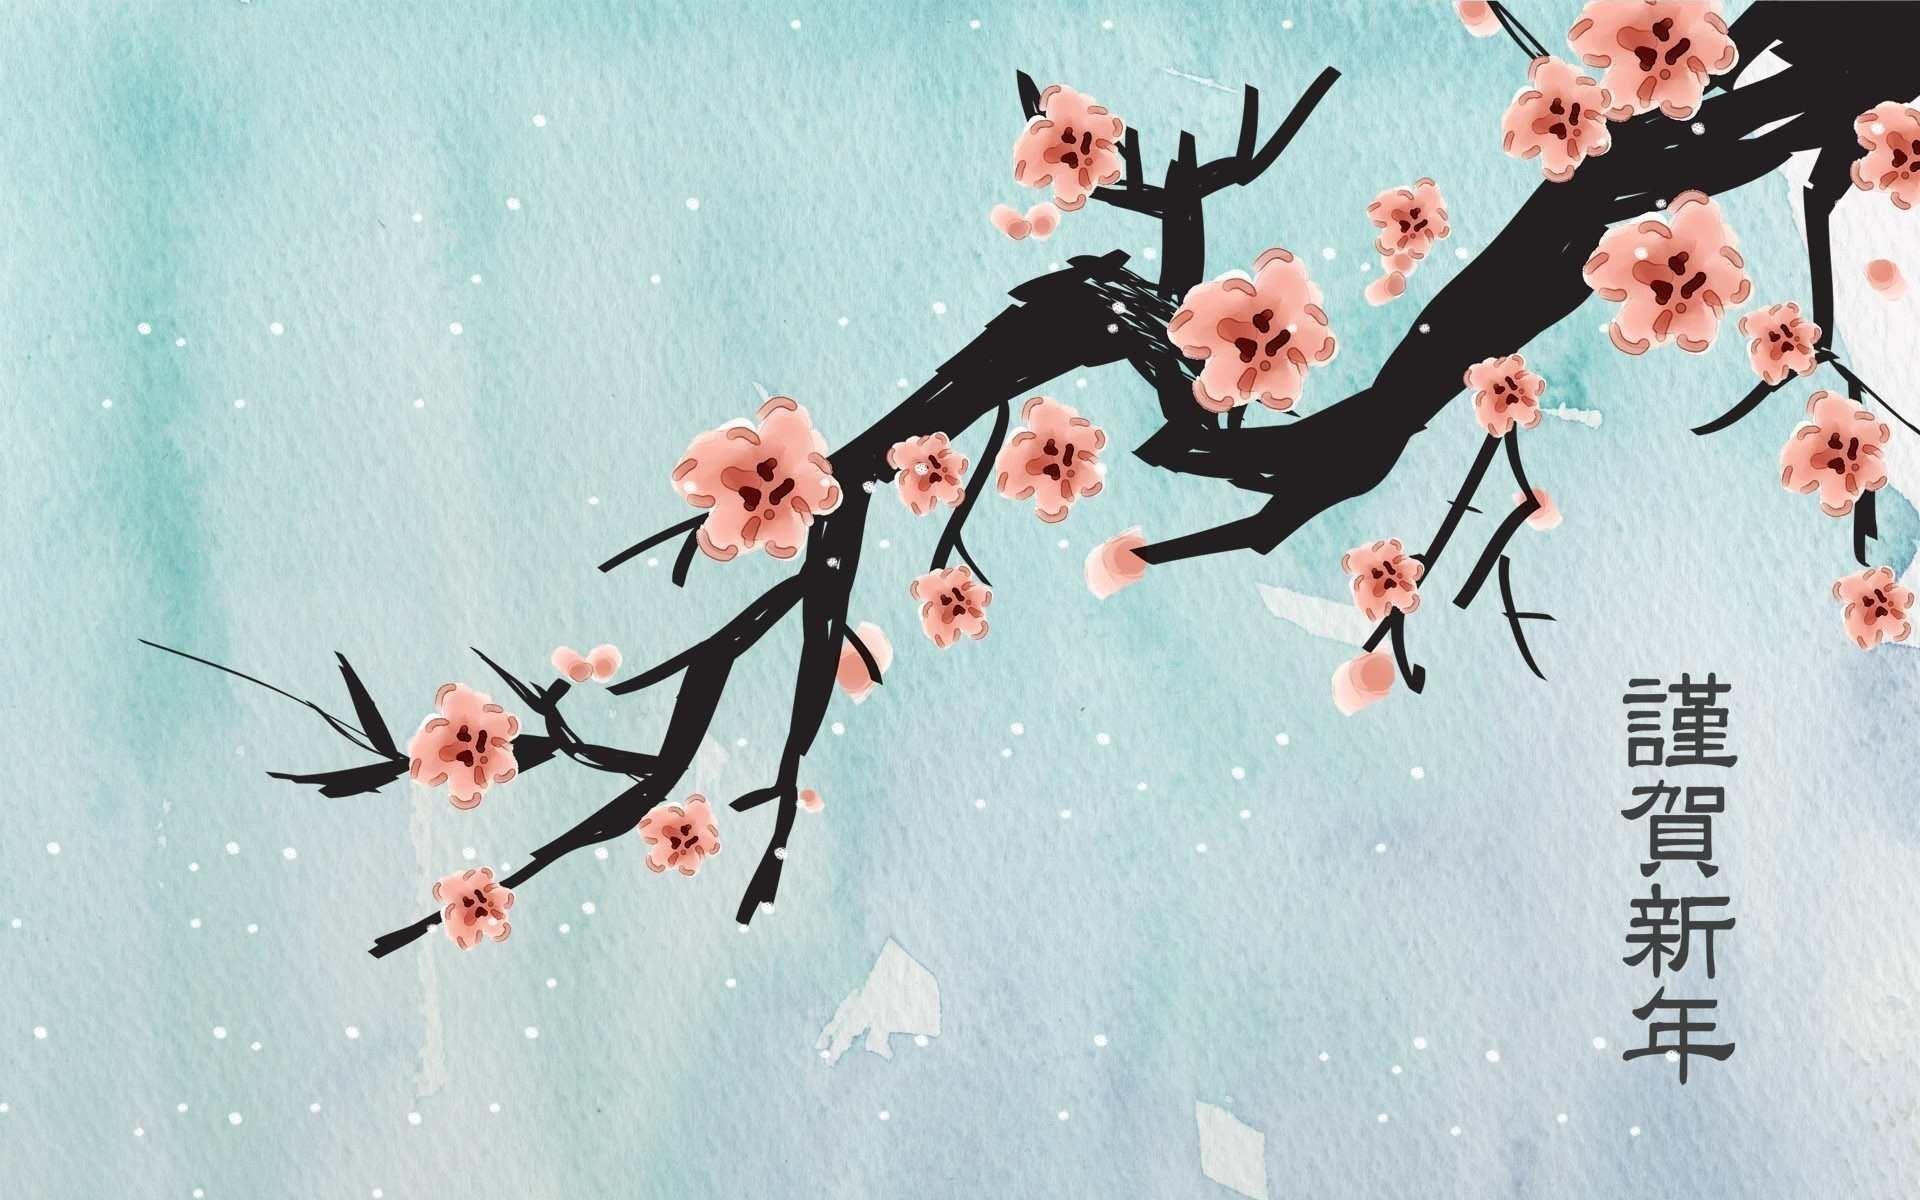 Japanese art wallpaper 58 images - Japanese wallpaper phone ...